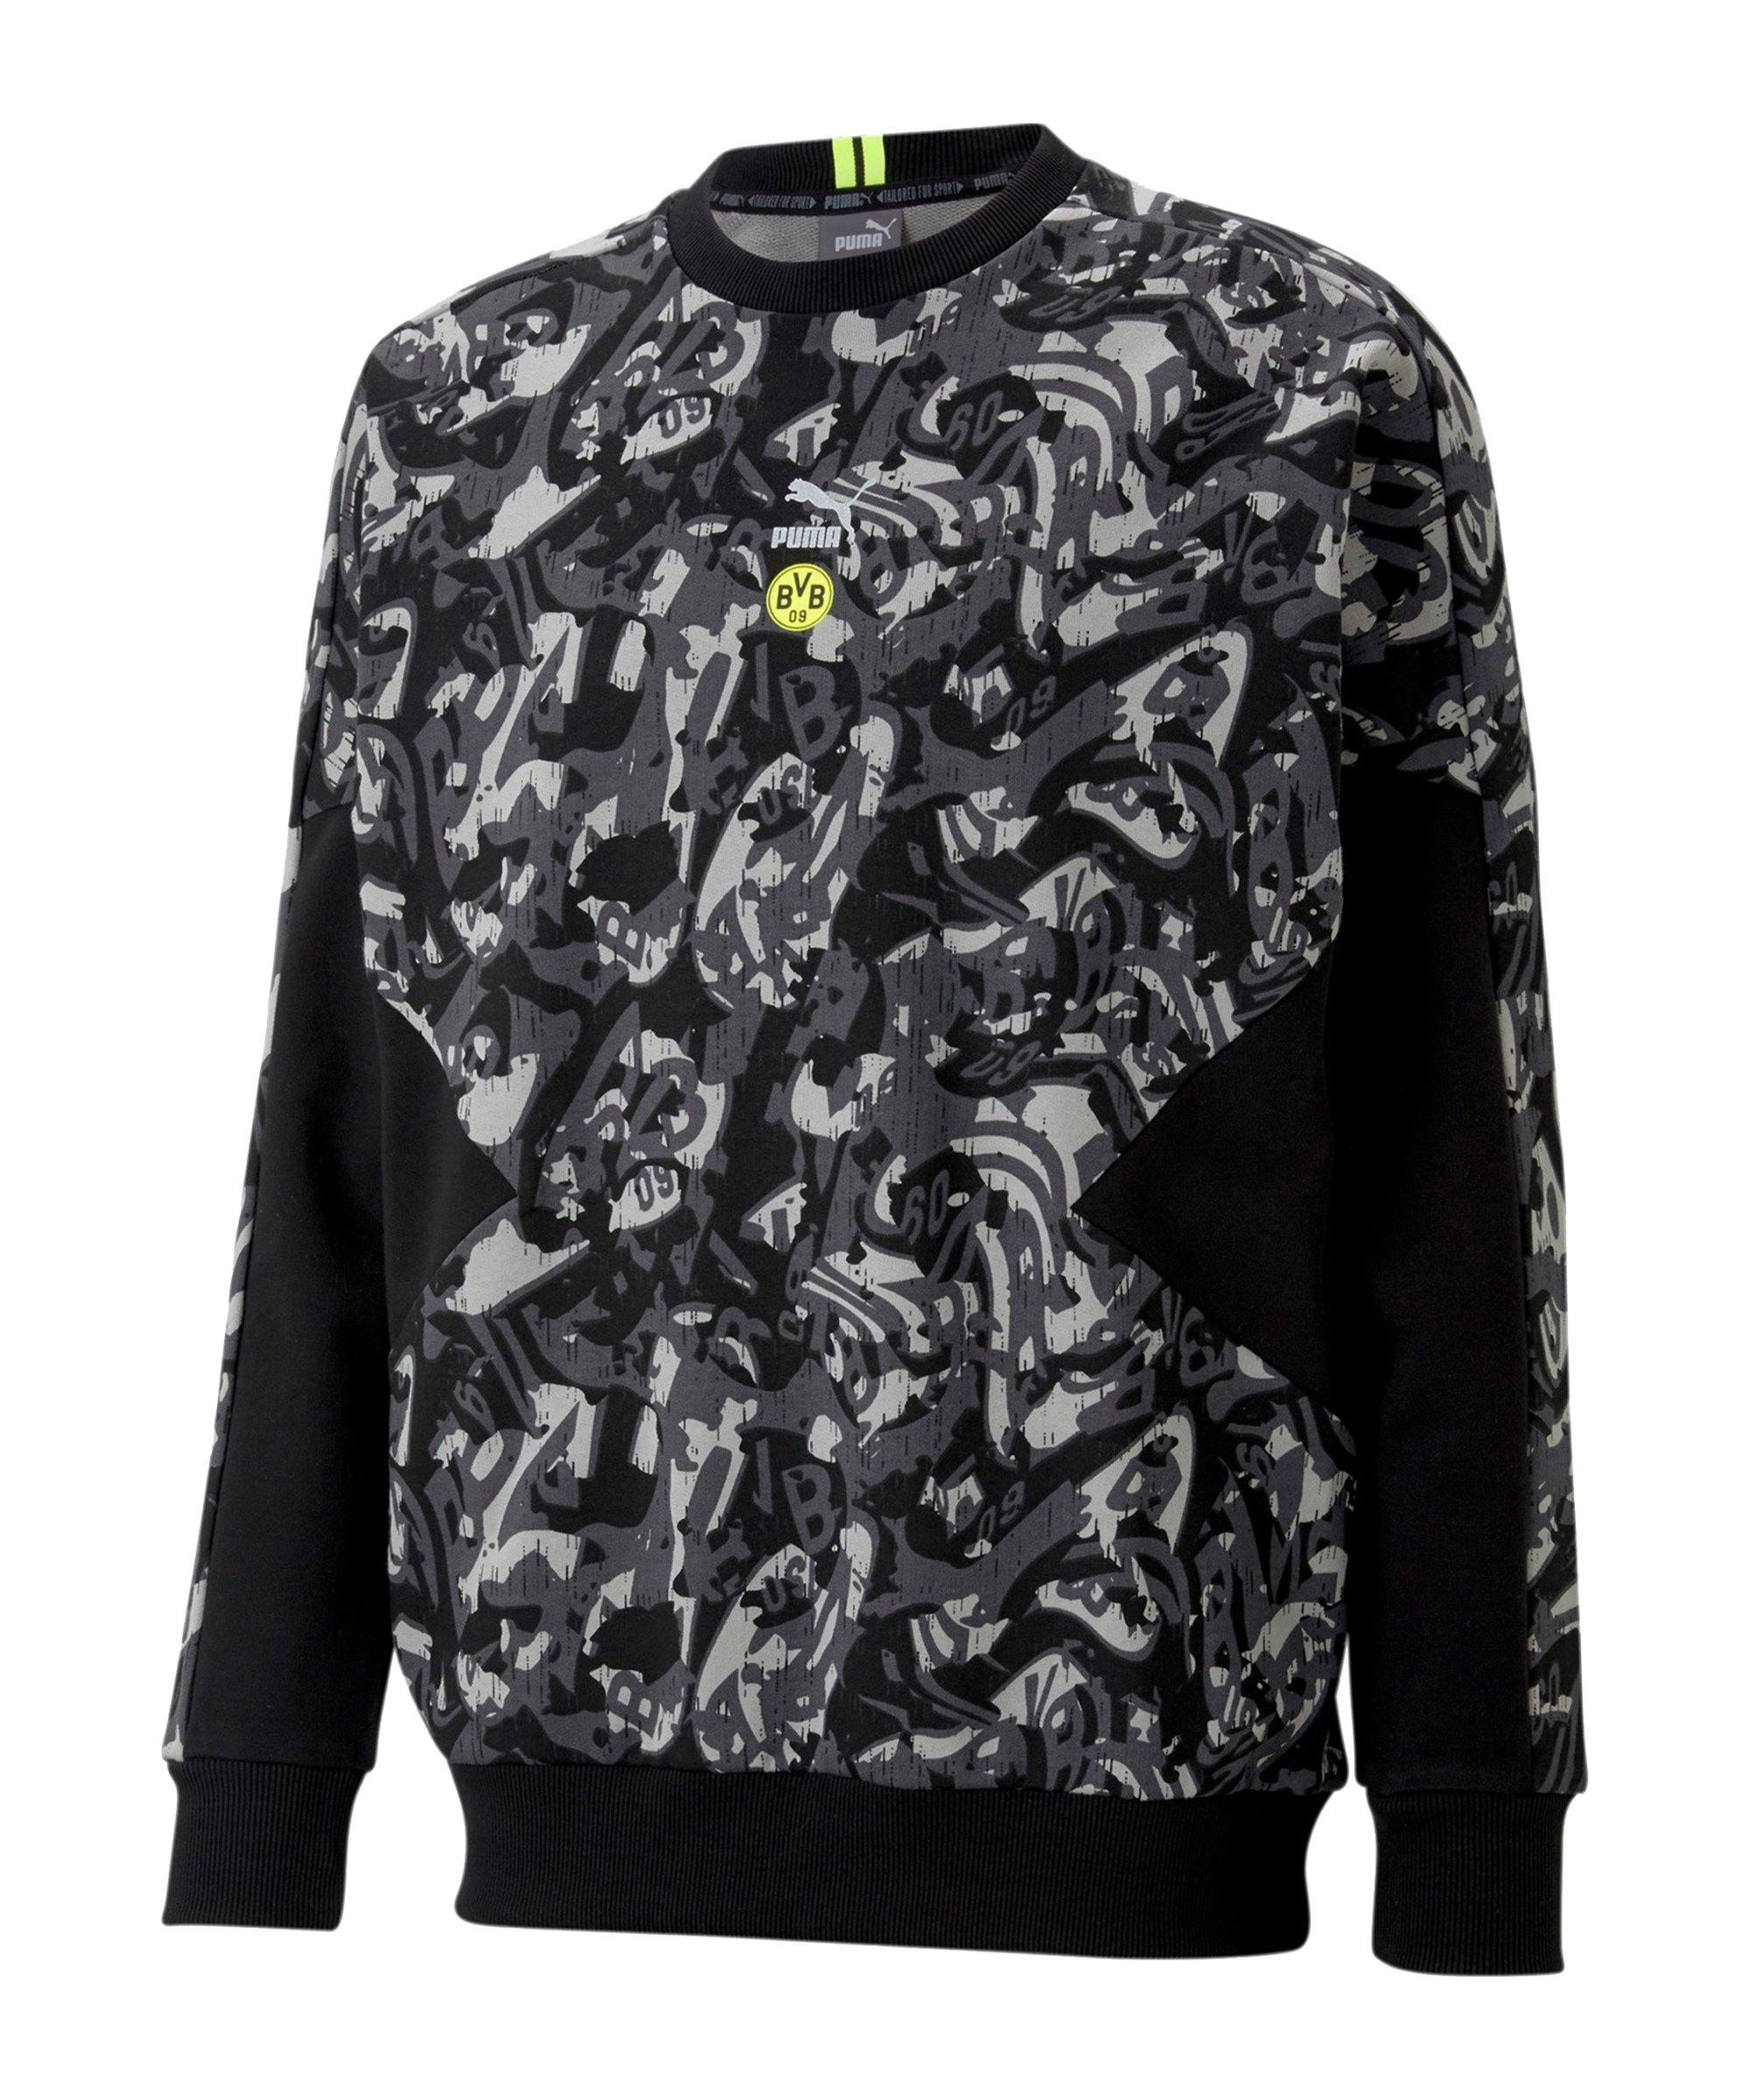 PUMA BVB Dortmund TFS Sweatshirt Schwarz F20 - schwarz